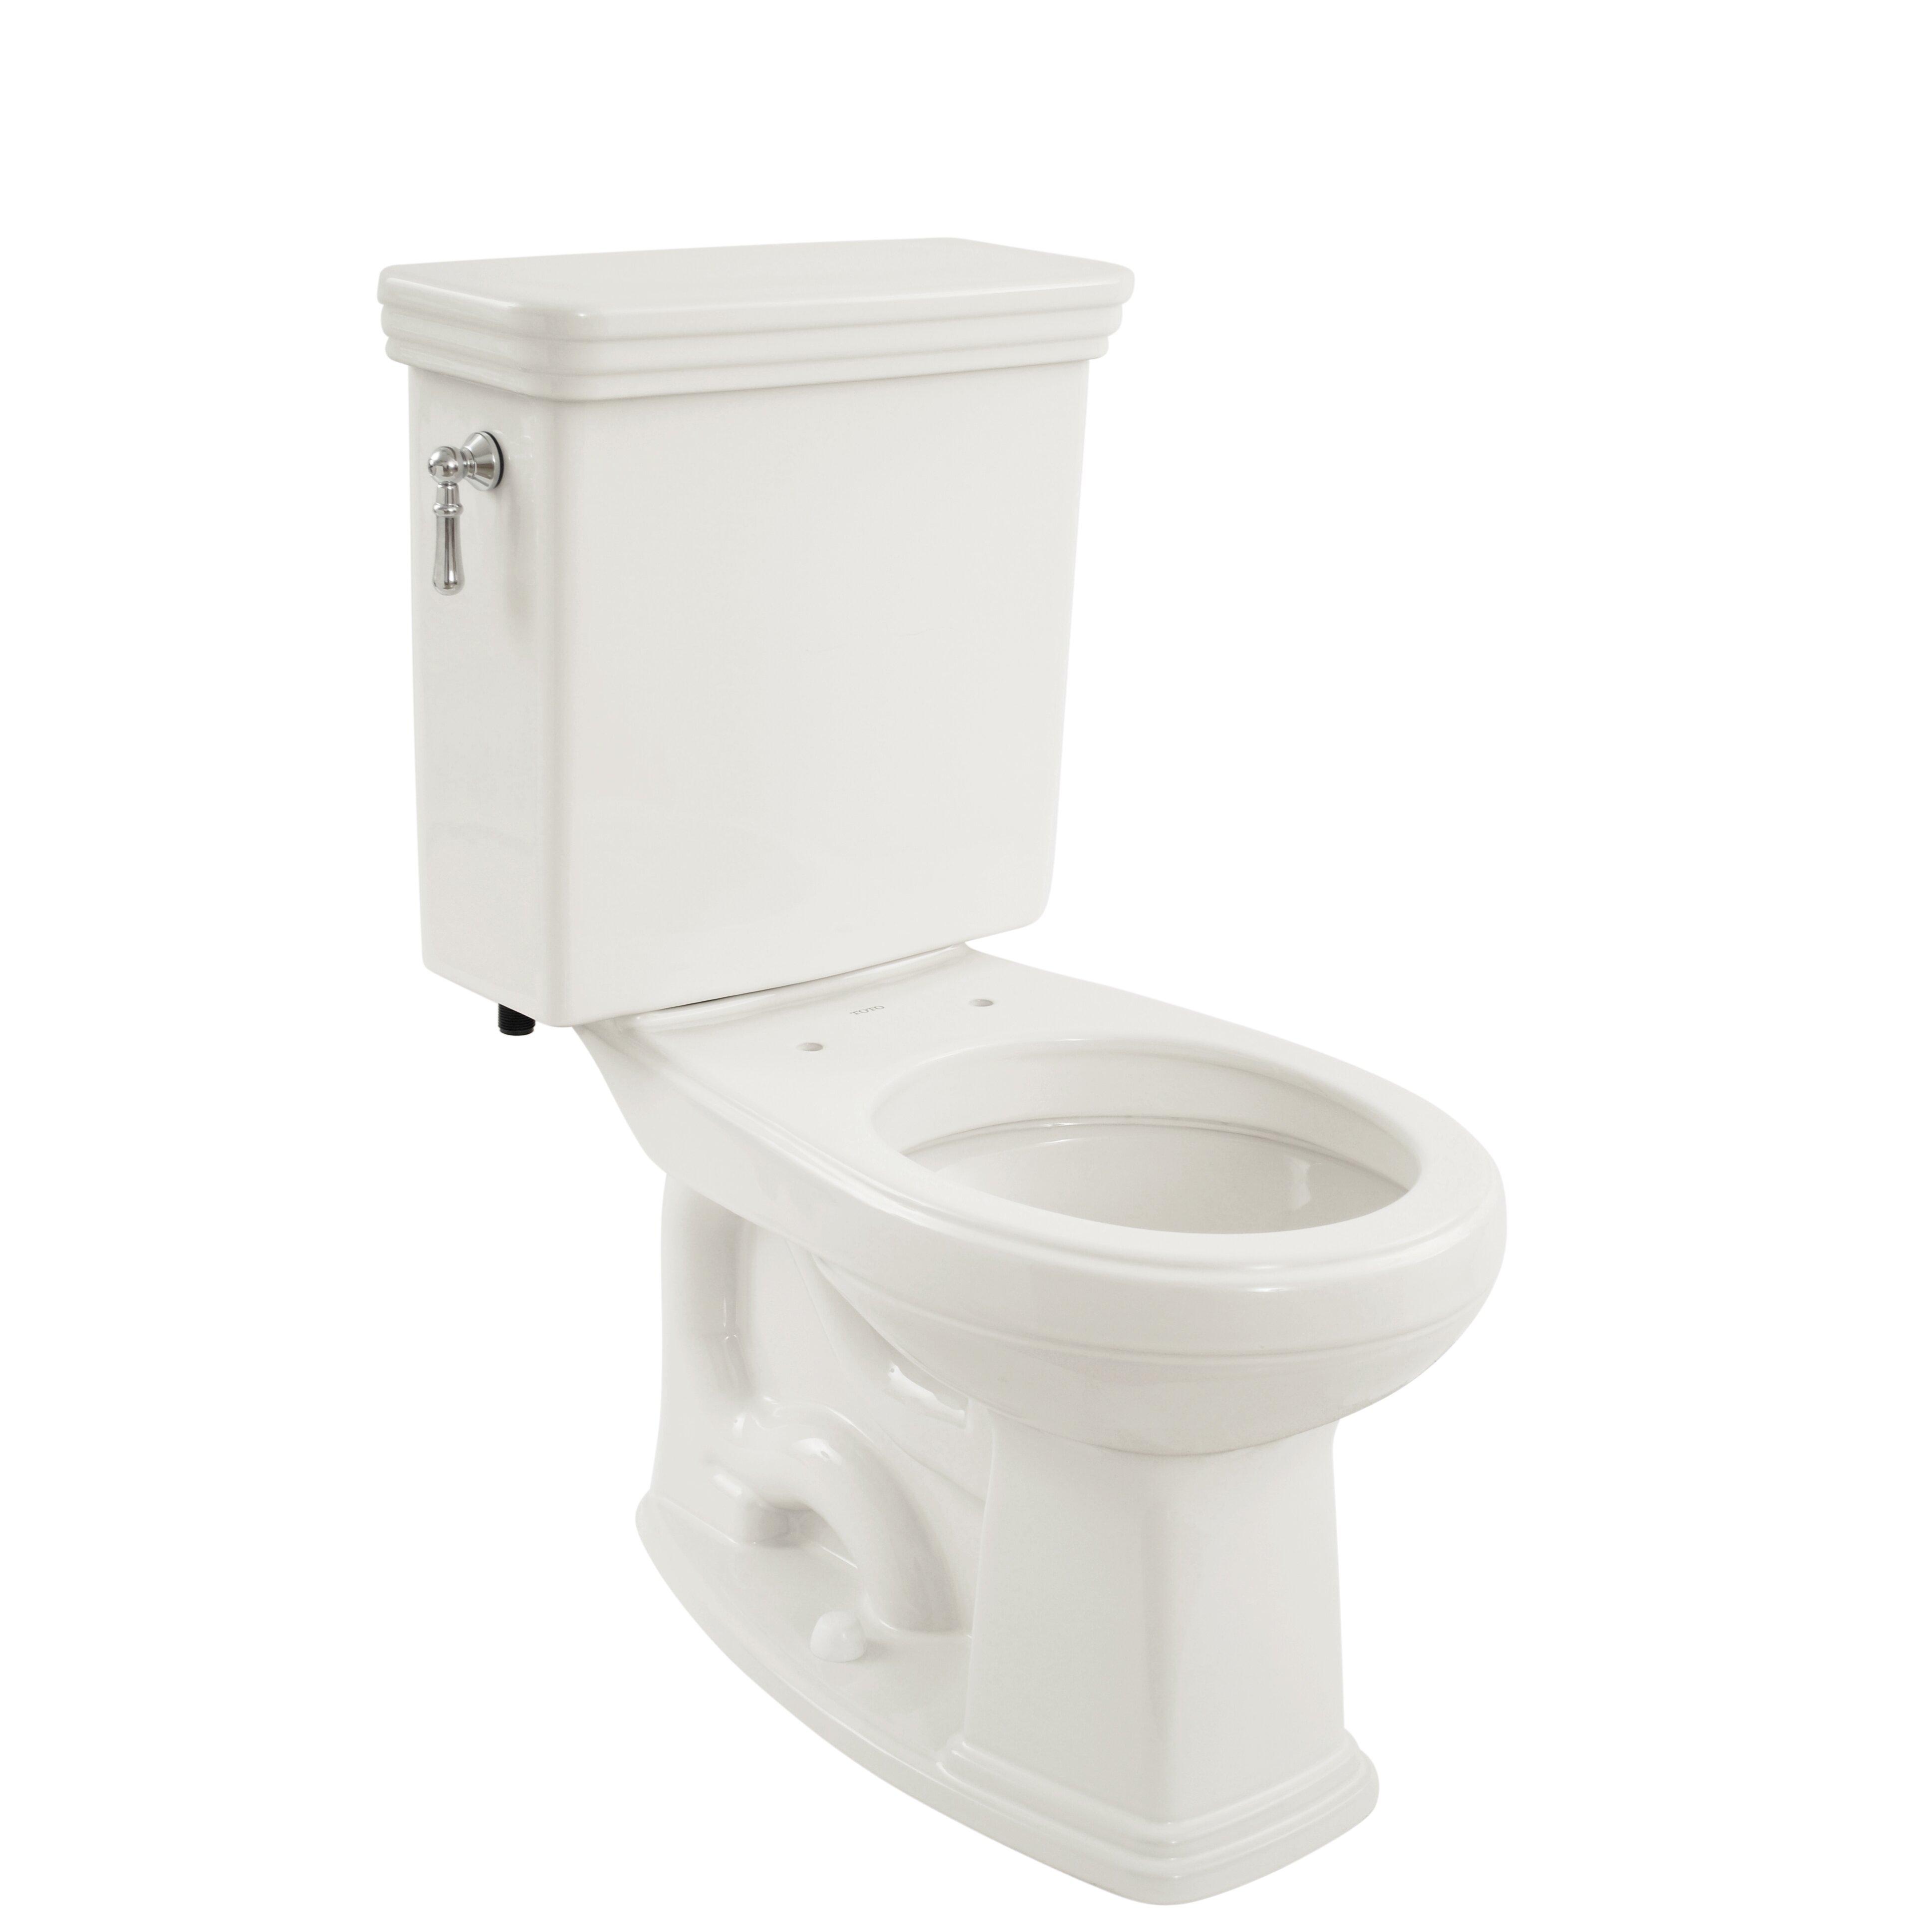 Toto Promenade  GPF Round TwoPiece Toilet  Reviews Wayfair - Toto japanese toilet seat